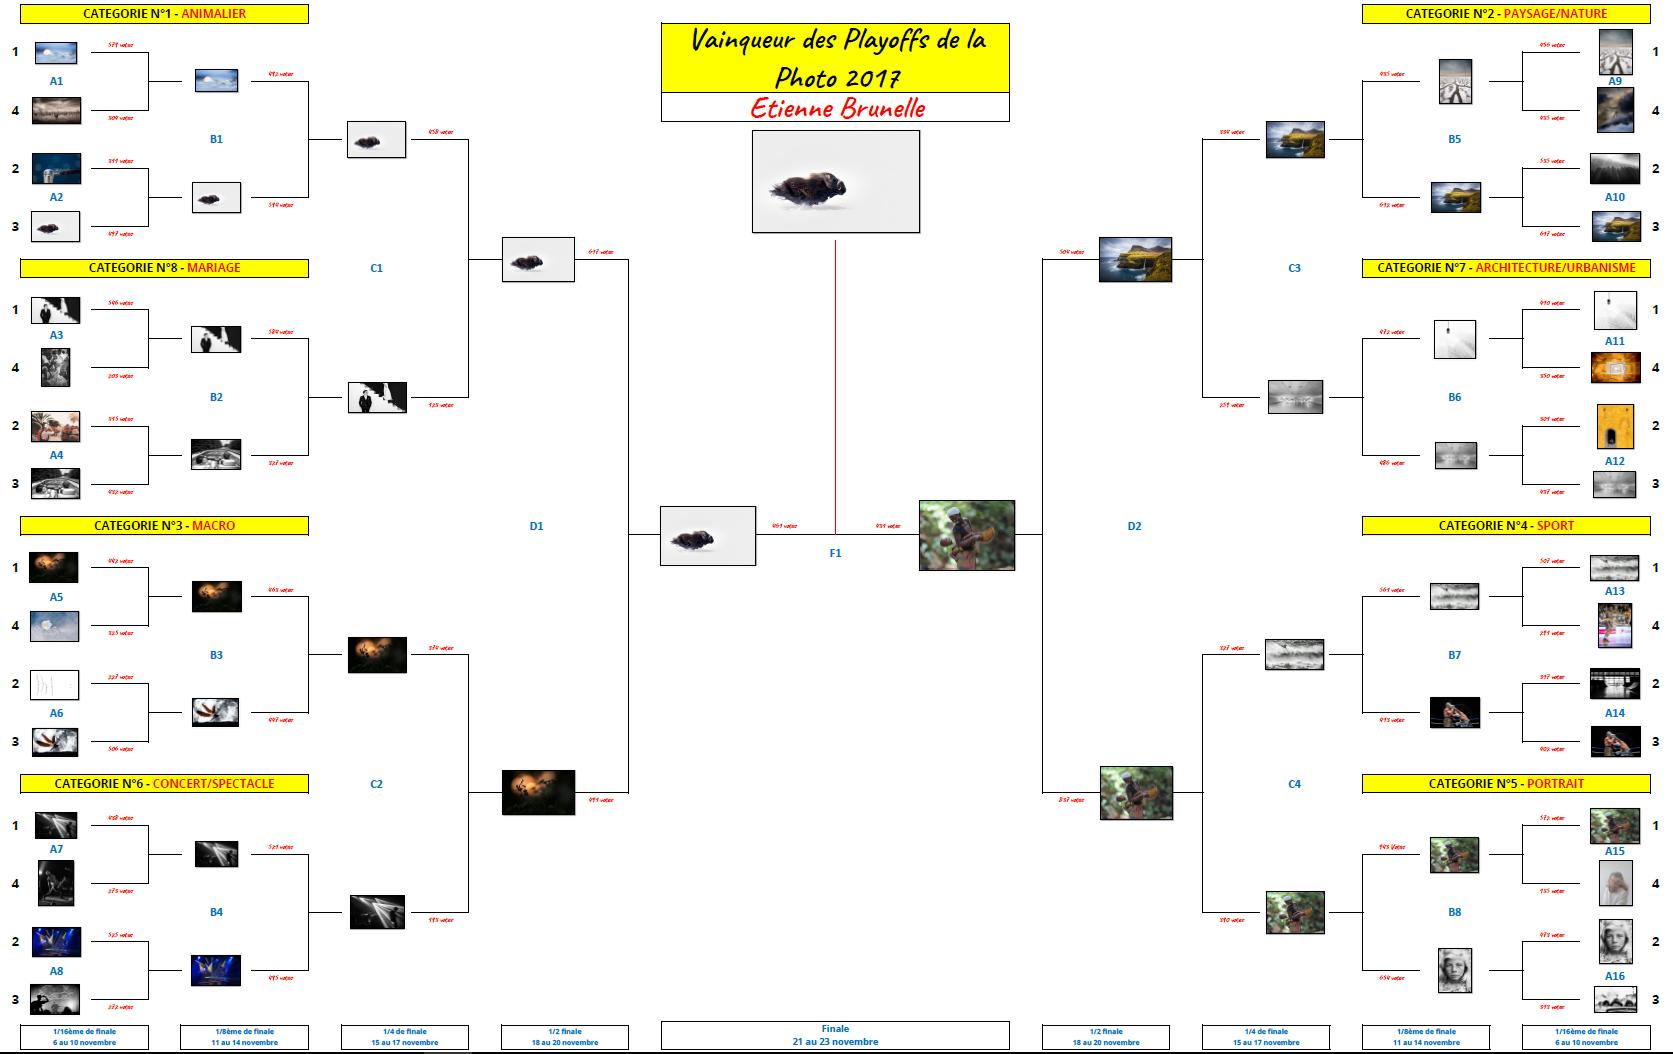 Finale des Playoffs de la Photo 2017 - Vainqueur - Etienne Brunelle